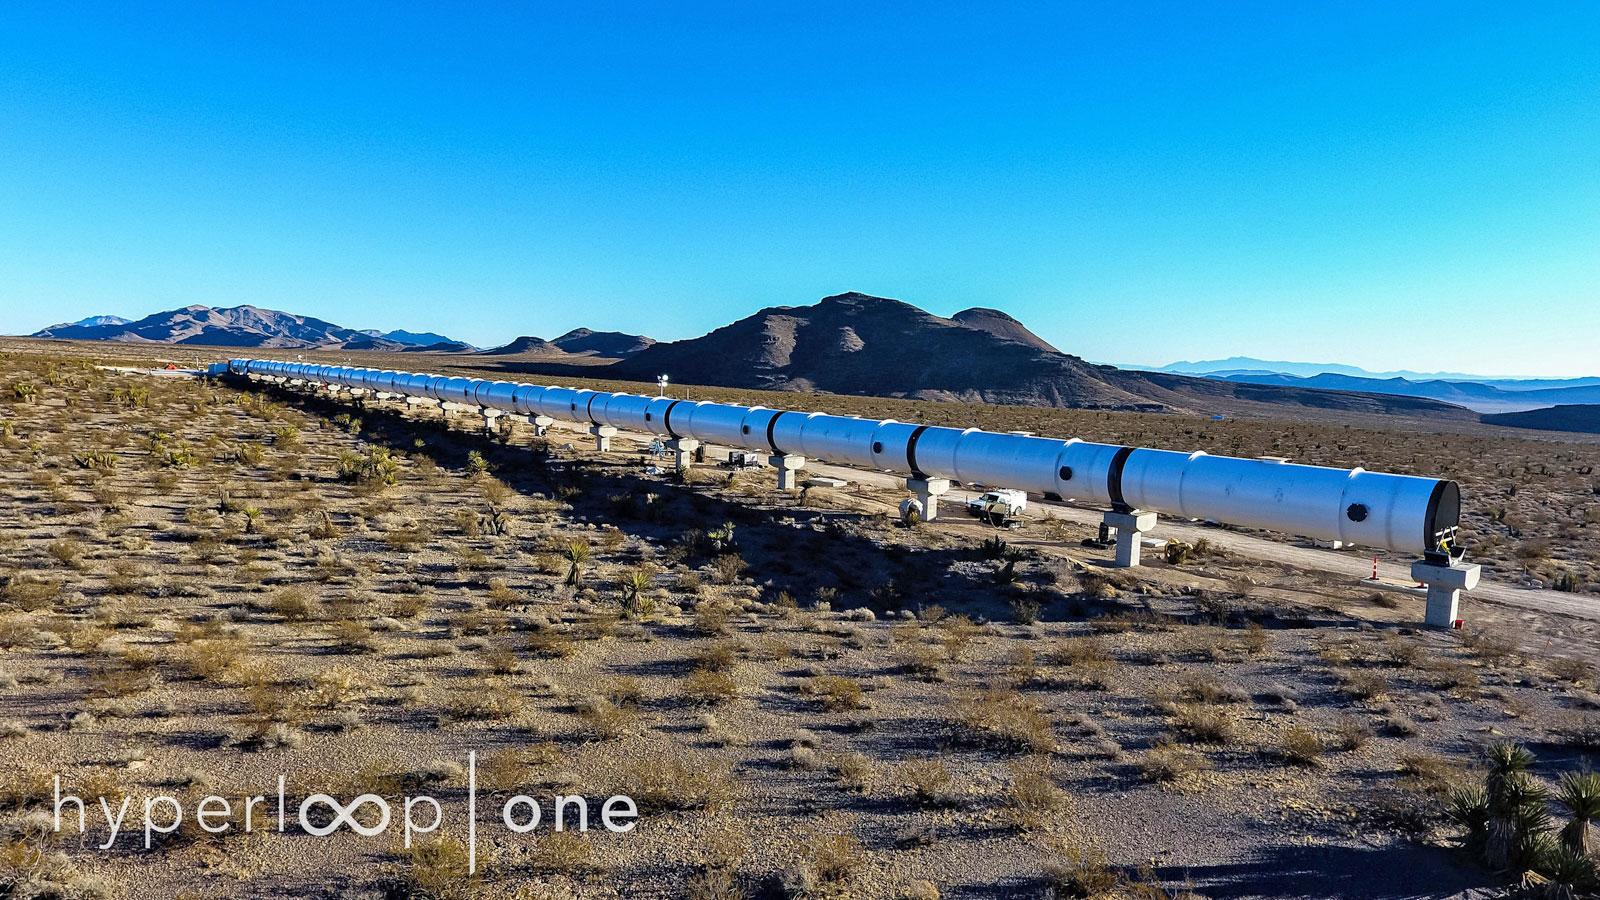 Hyperloop One enseña por primera vez su túnel de pruebas